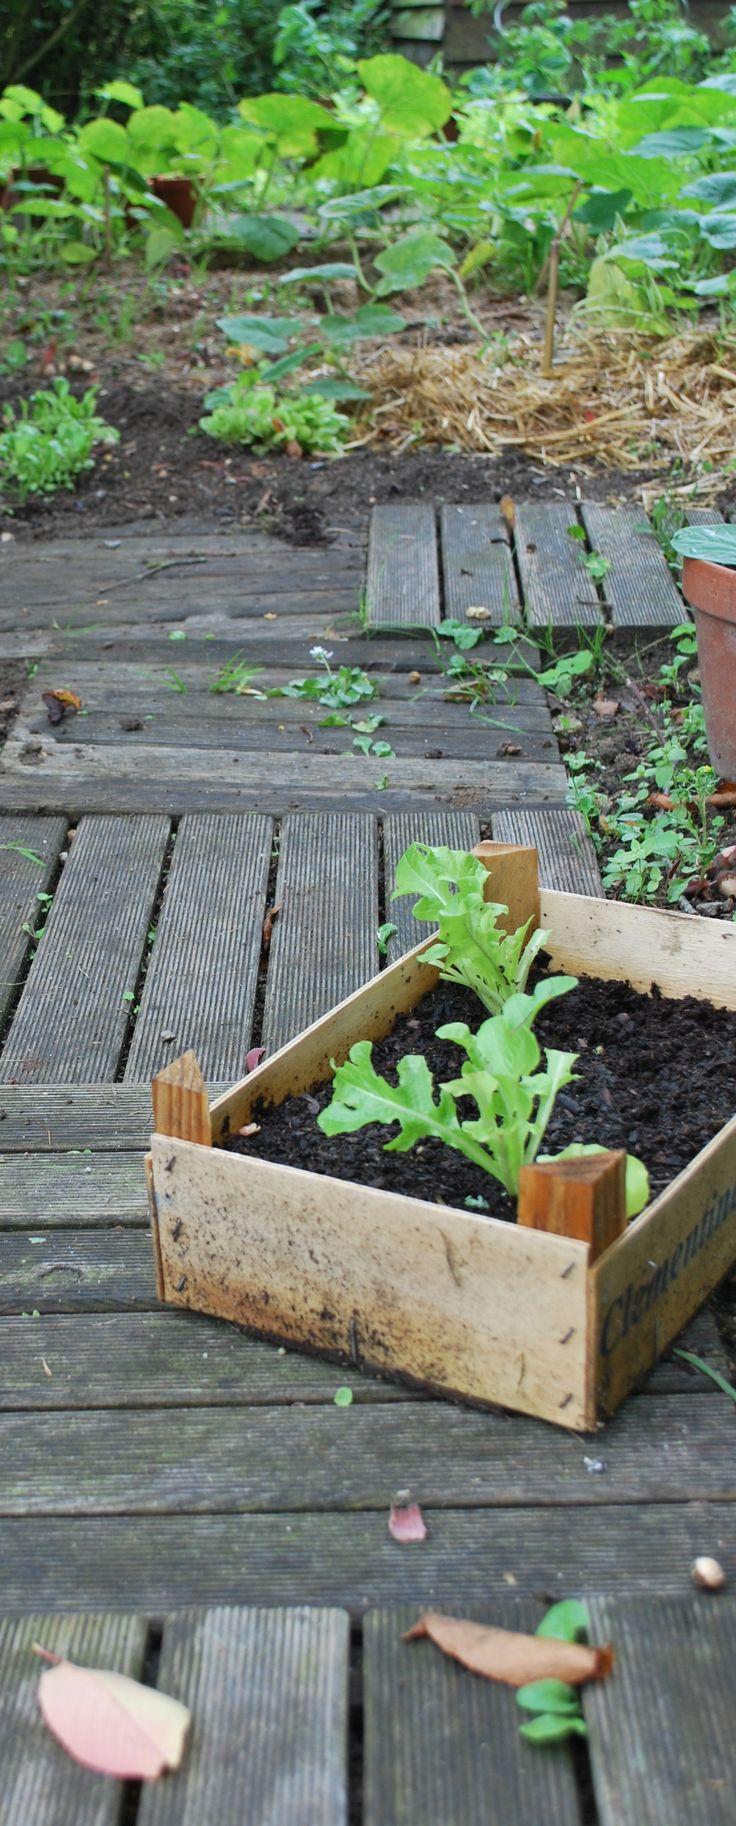 salades dans caisse en bois pour cl mentines potager 2014 ext rieur nature jardin potager